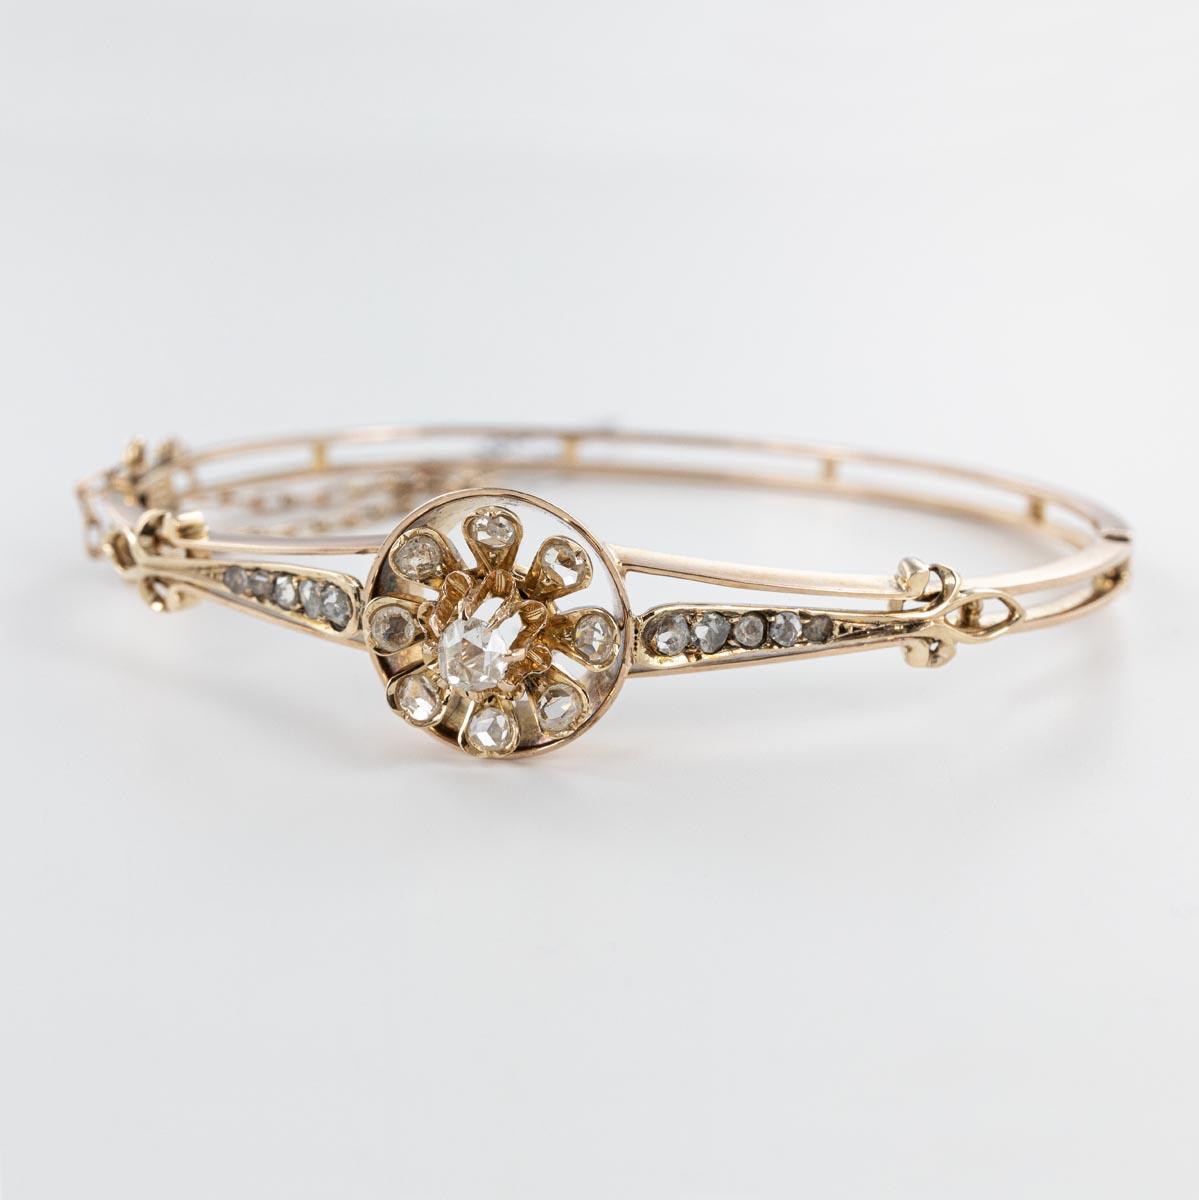 Bracelet ouvrant motif floral et roses de diamants